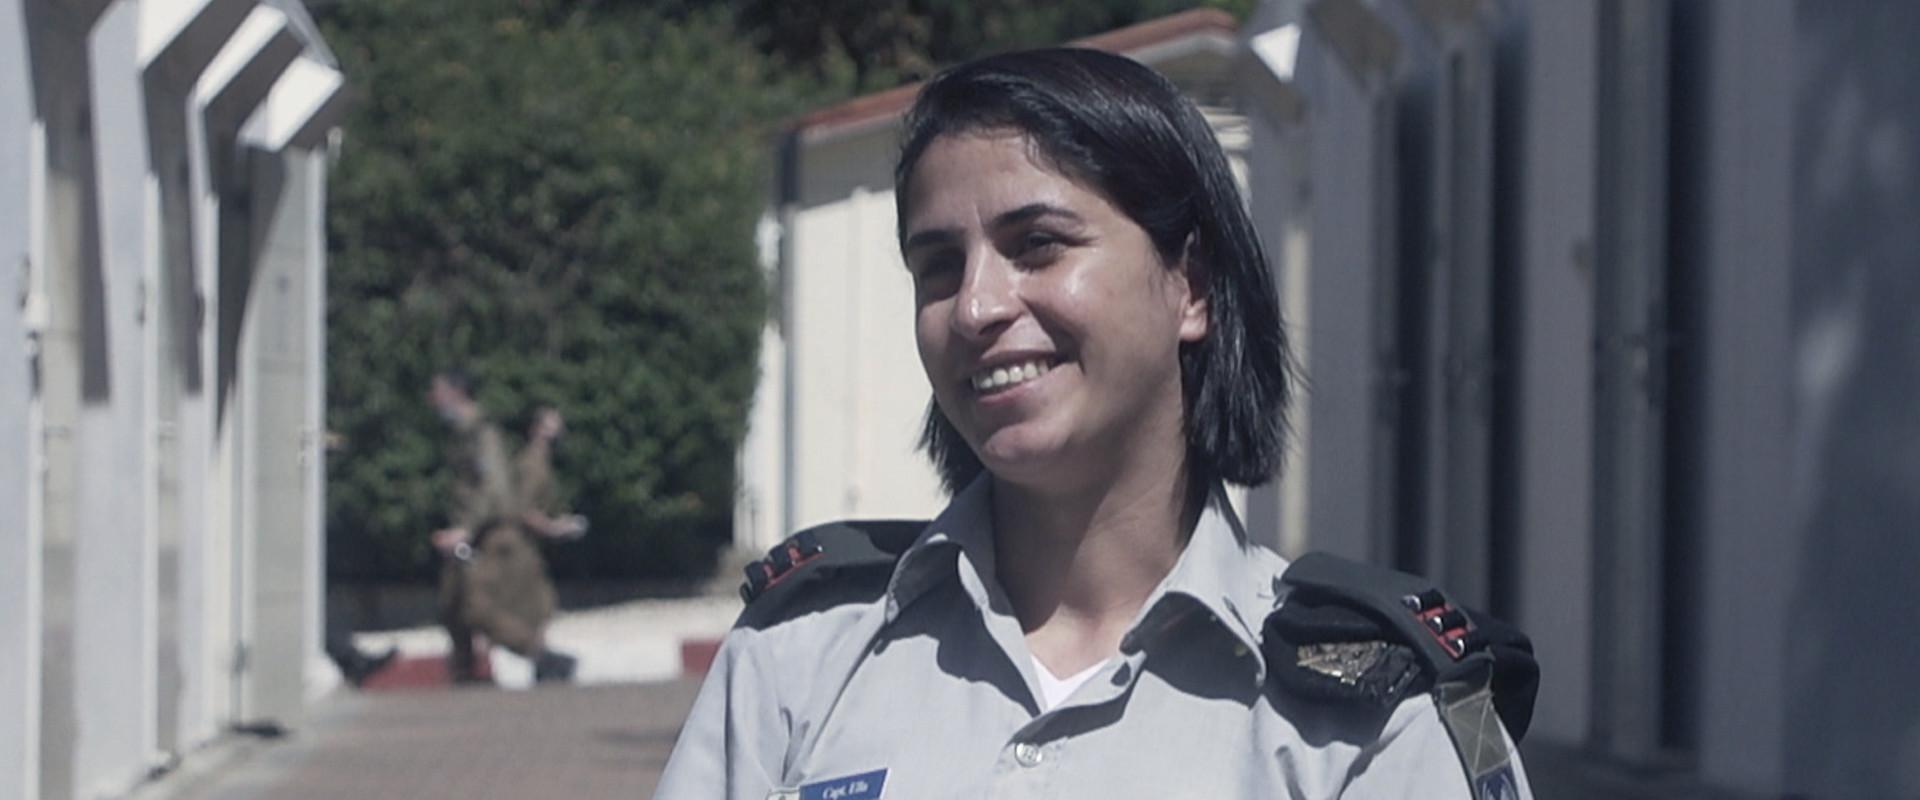 סרן אלה ואויה, ראש תחום תקשורת ערבית בדובר צה